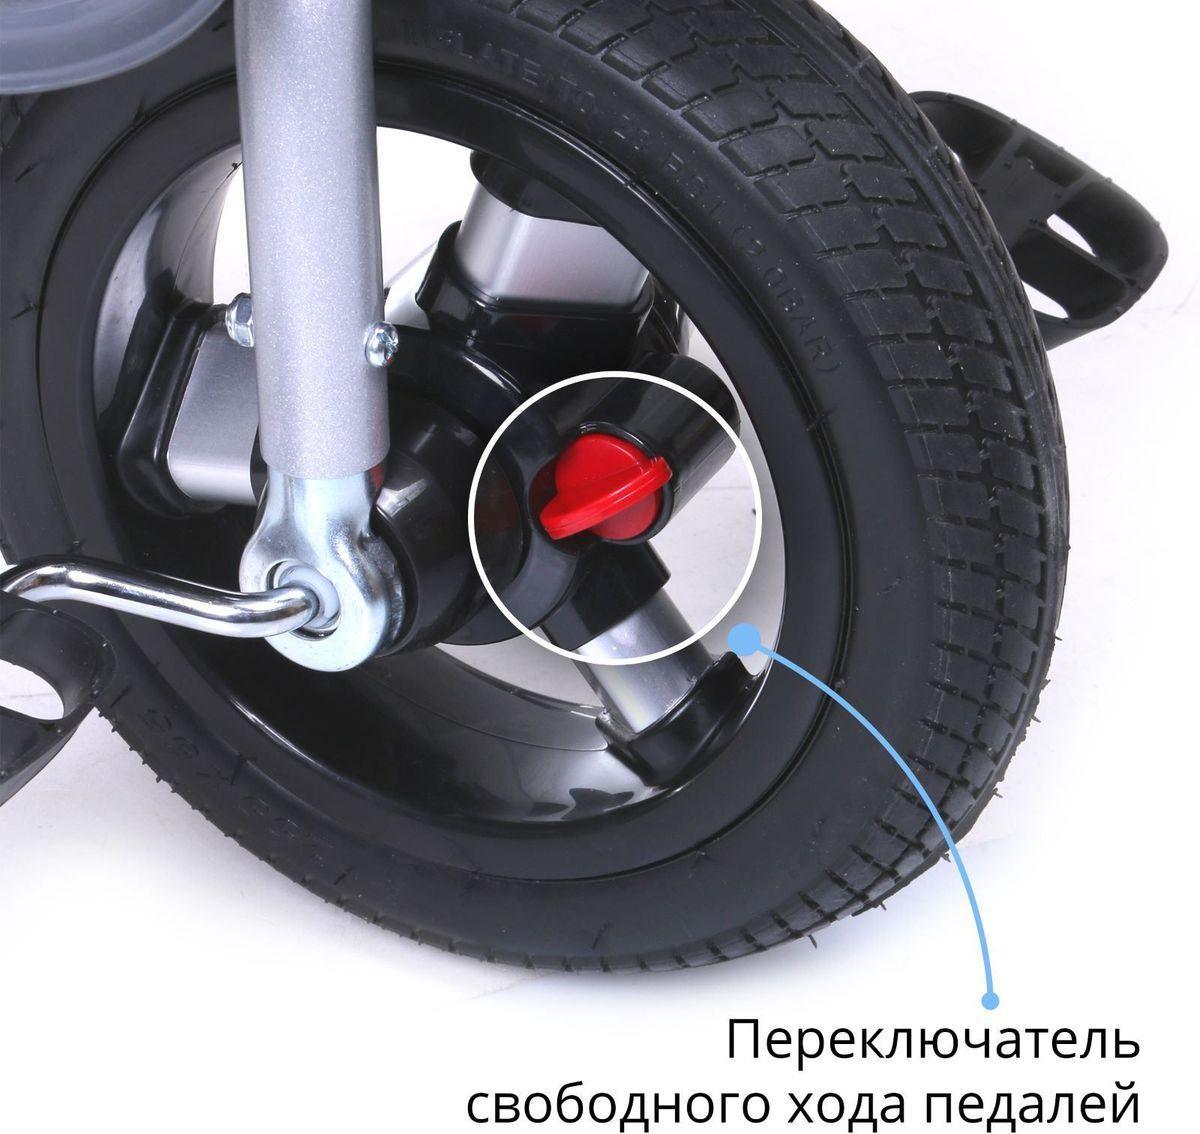 """Трехколесный велосипед Micio """"Comfort"""" будет расти вместе с ребенком. Комфорт пассажиру обеспечивает сиденье с широкой спинкой и возможностью наклона до положения полулежа, а защиту - раздвижная дуга и трехточечный ремень безопасности. Складной тент колясочного типа оградит малыша от солнца и дождя.Обратите внимание на правильную установку вилки и руля! Наклон вилки должен быть направлен к задним колесам. При некорректной сборке управление велосипедом ухудшается.Особенности: функция свободного хода переднего колеса; функция свободного руля; сиденье с широкой спинкой; два положения установки сиденья; плавная регулировка спинки до положения полулежа; стояночный тормоз; складная подножка; дополнительная подставка для ног; складной тент колясочного типа; регулируемая ручка-толкатель колясочного типа; управление колесом механически не связано с ручкой и осуществляется по аналогии с продуктовой тележкой; раздвижная дуга безопасности с мягкими подлокотниками; мягкий вкладыш-кенгуру на сиденье; трехточечный ремень безопасности; корзина; звонок."""